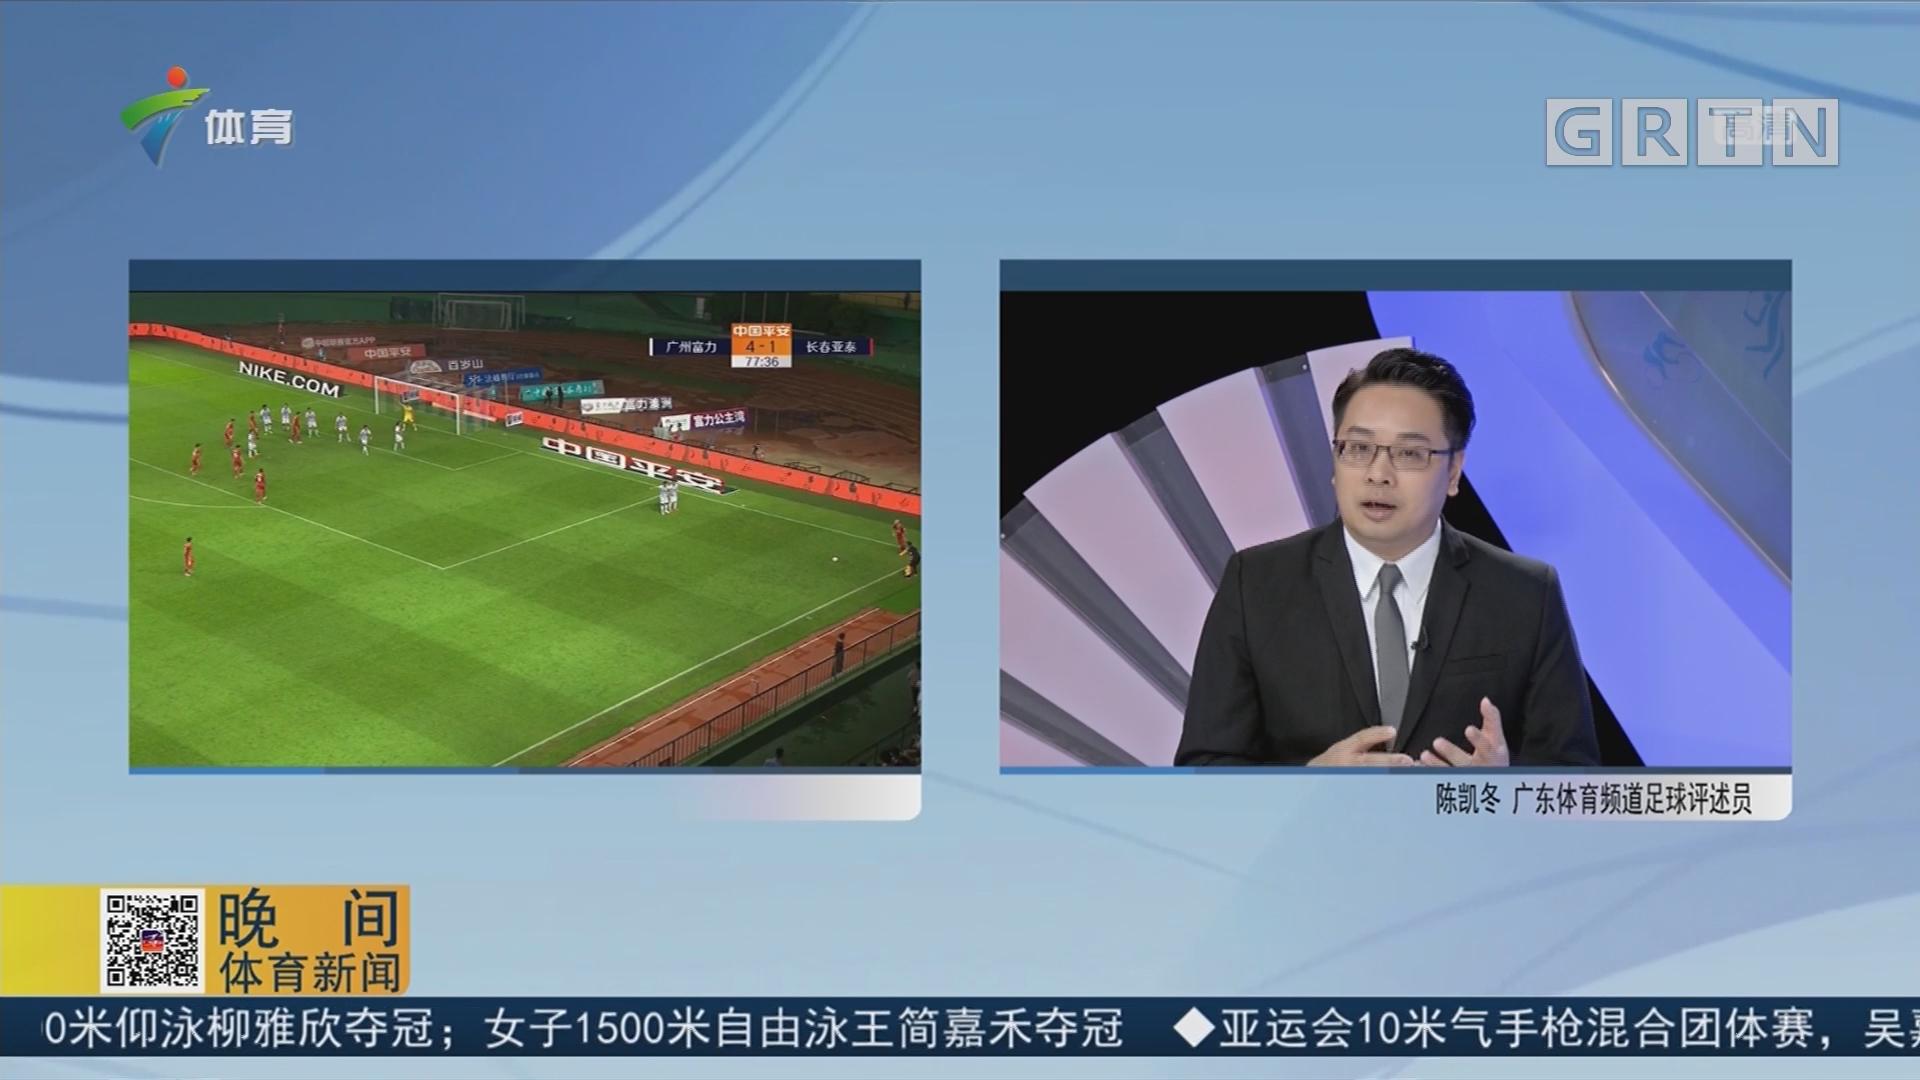 广东体育频道评述员:富力VS亚泰